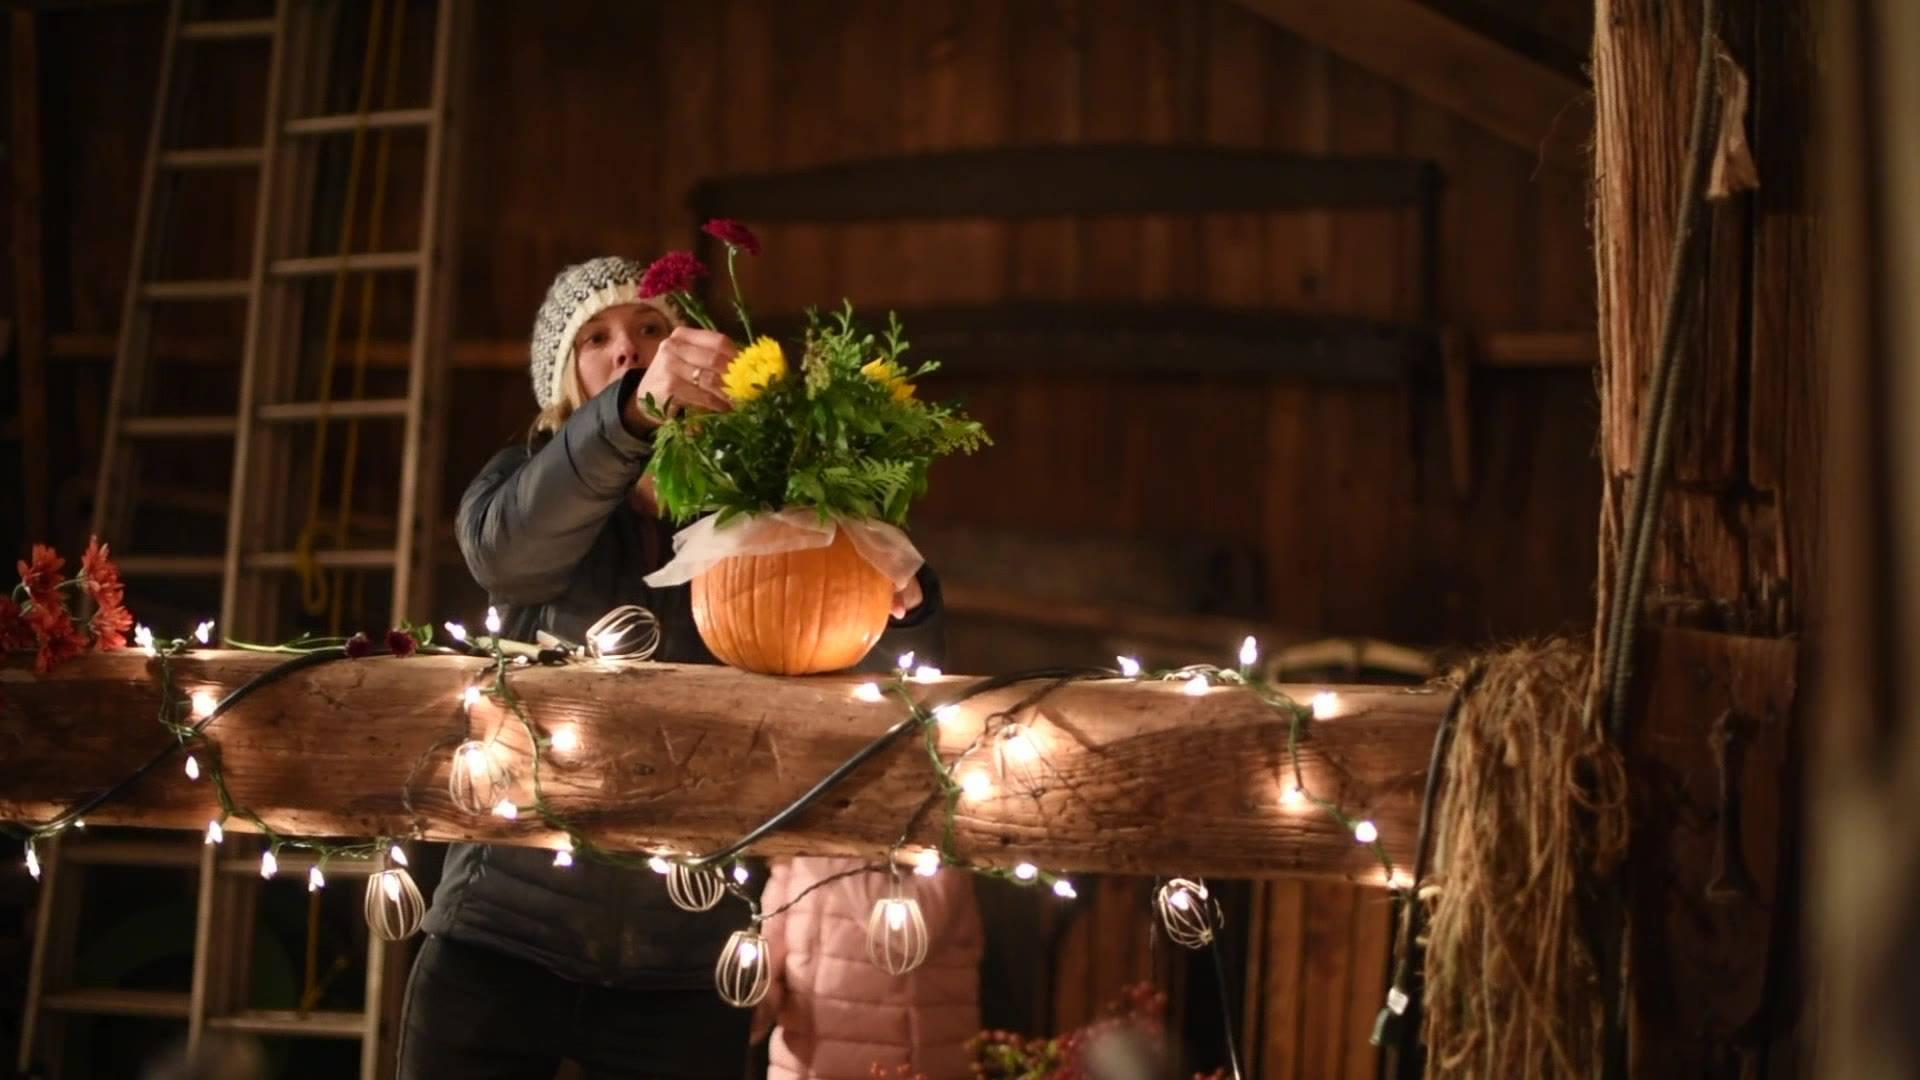 Thanksgiving Centerpiece Workshop